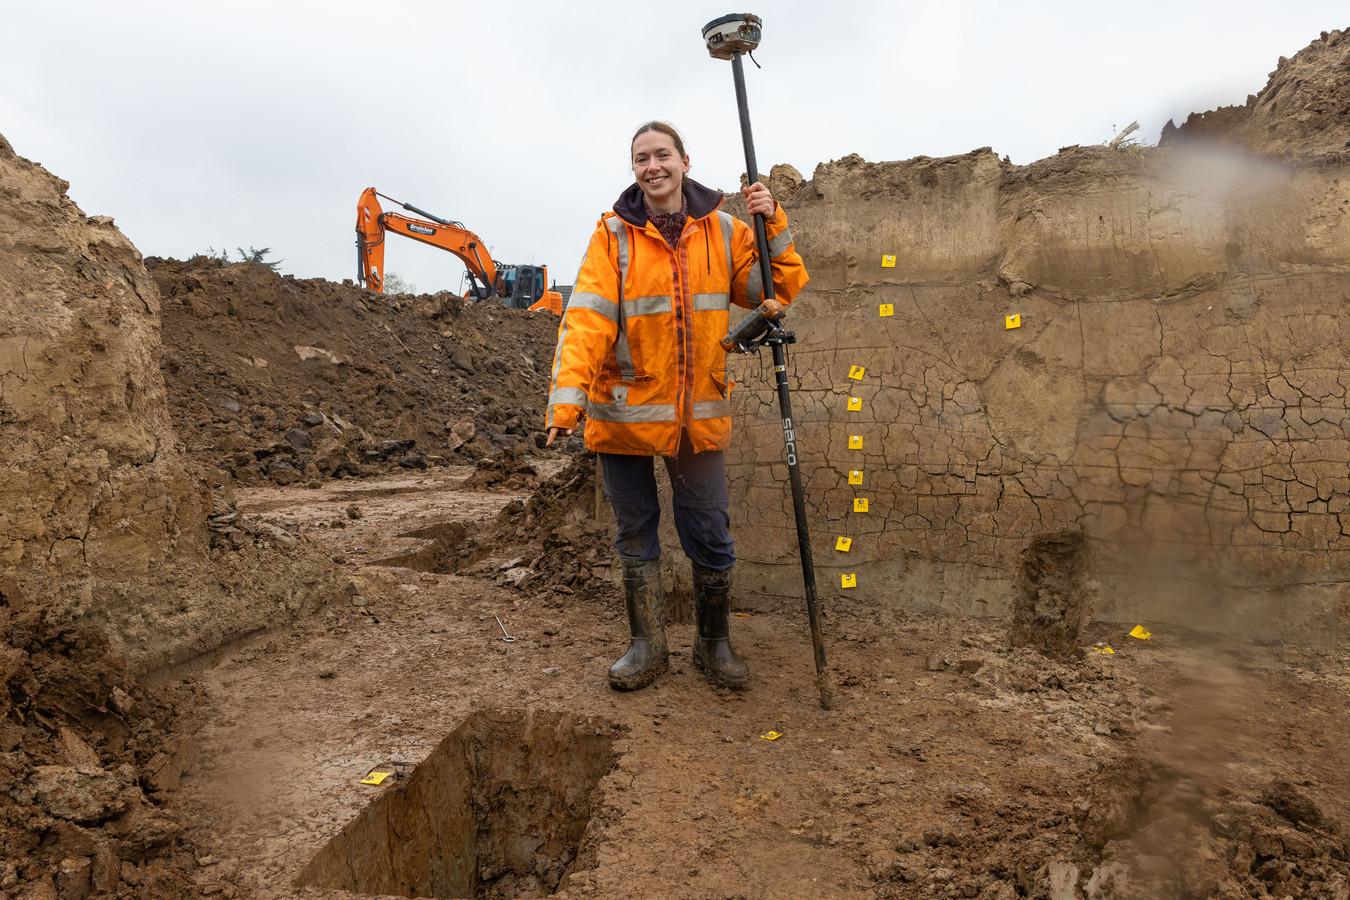 Archeologe Anne Huijsmans met meetapparatuur waarmee de opgraving exact in beeld wordt gebracht.